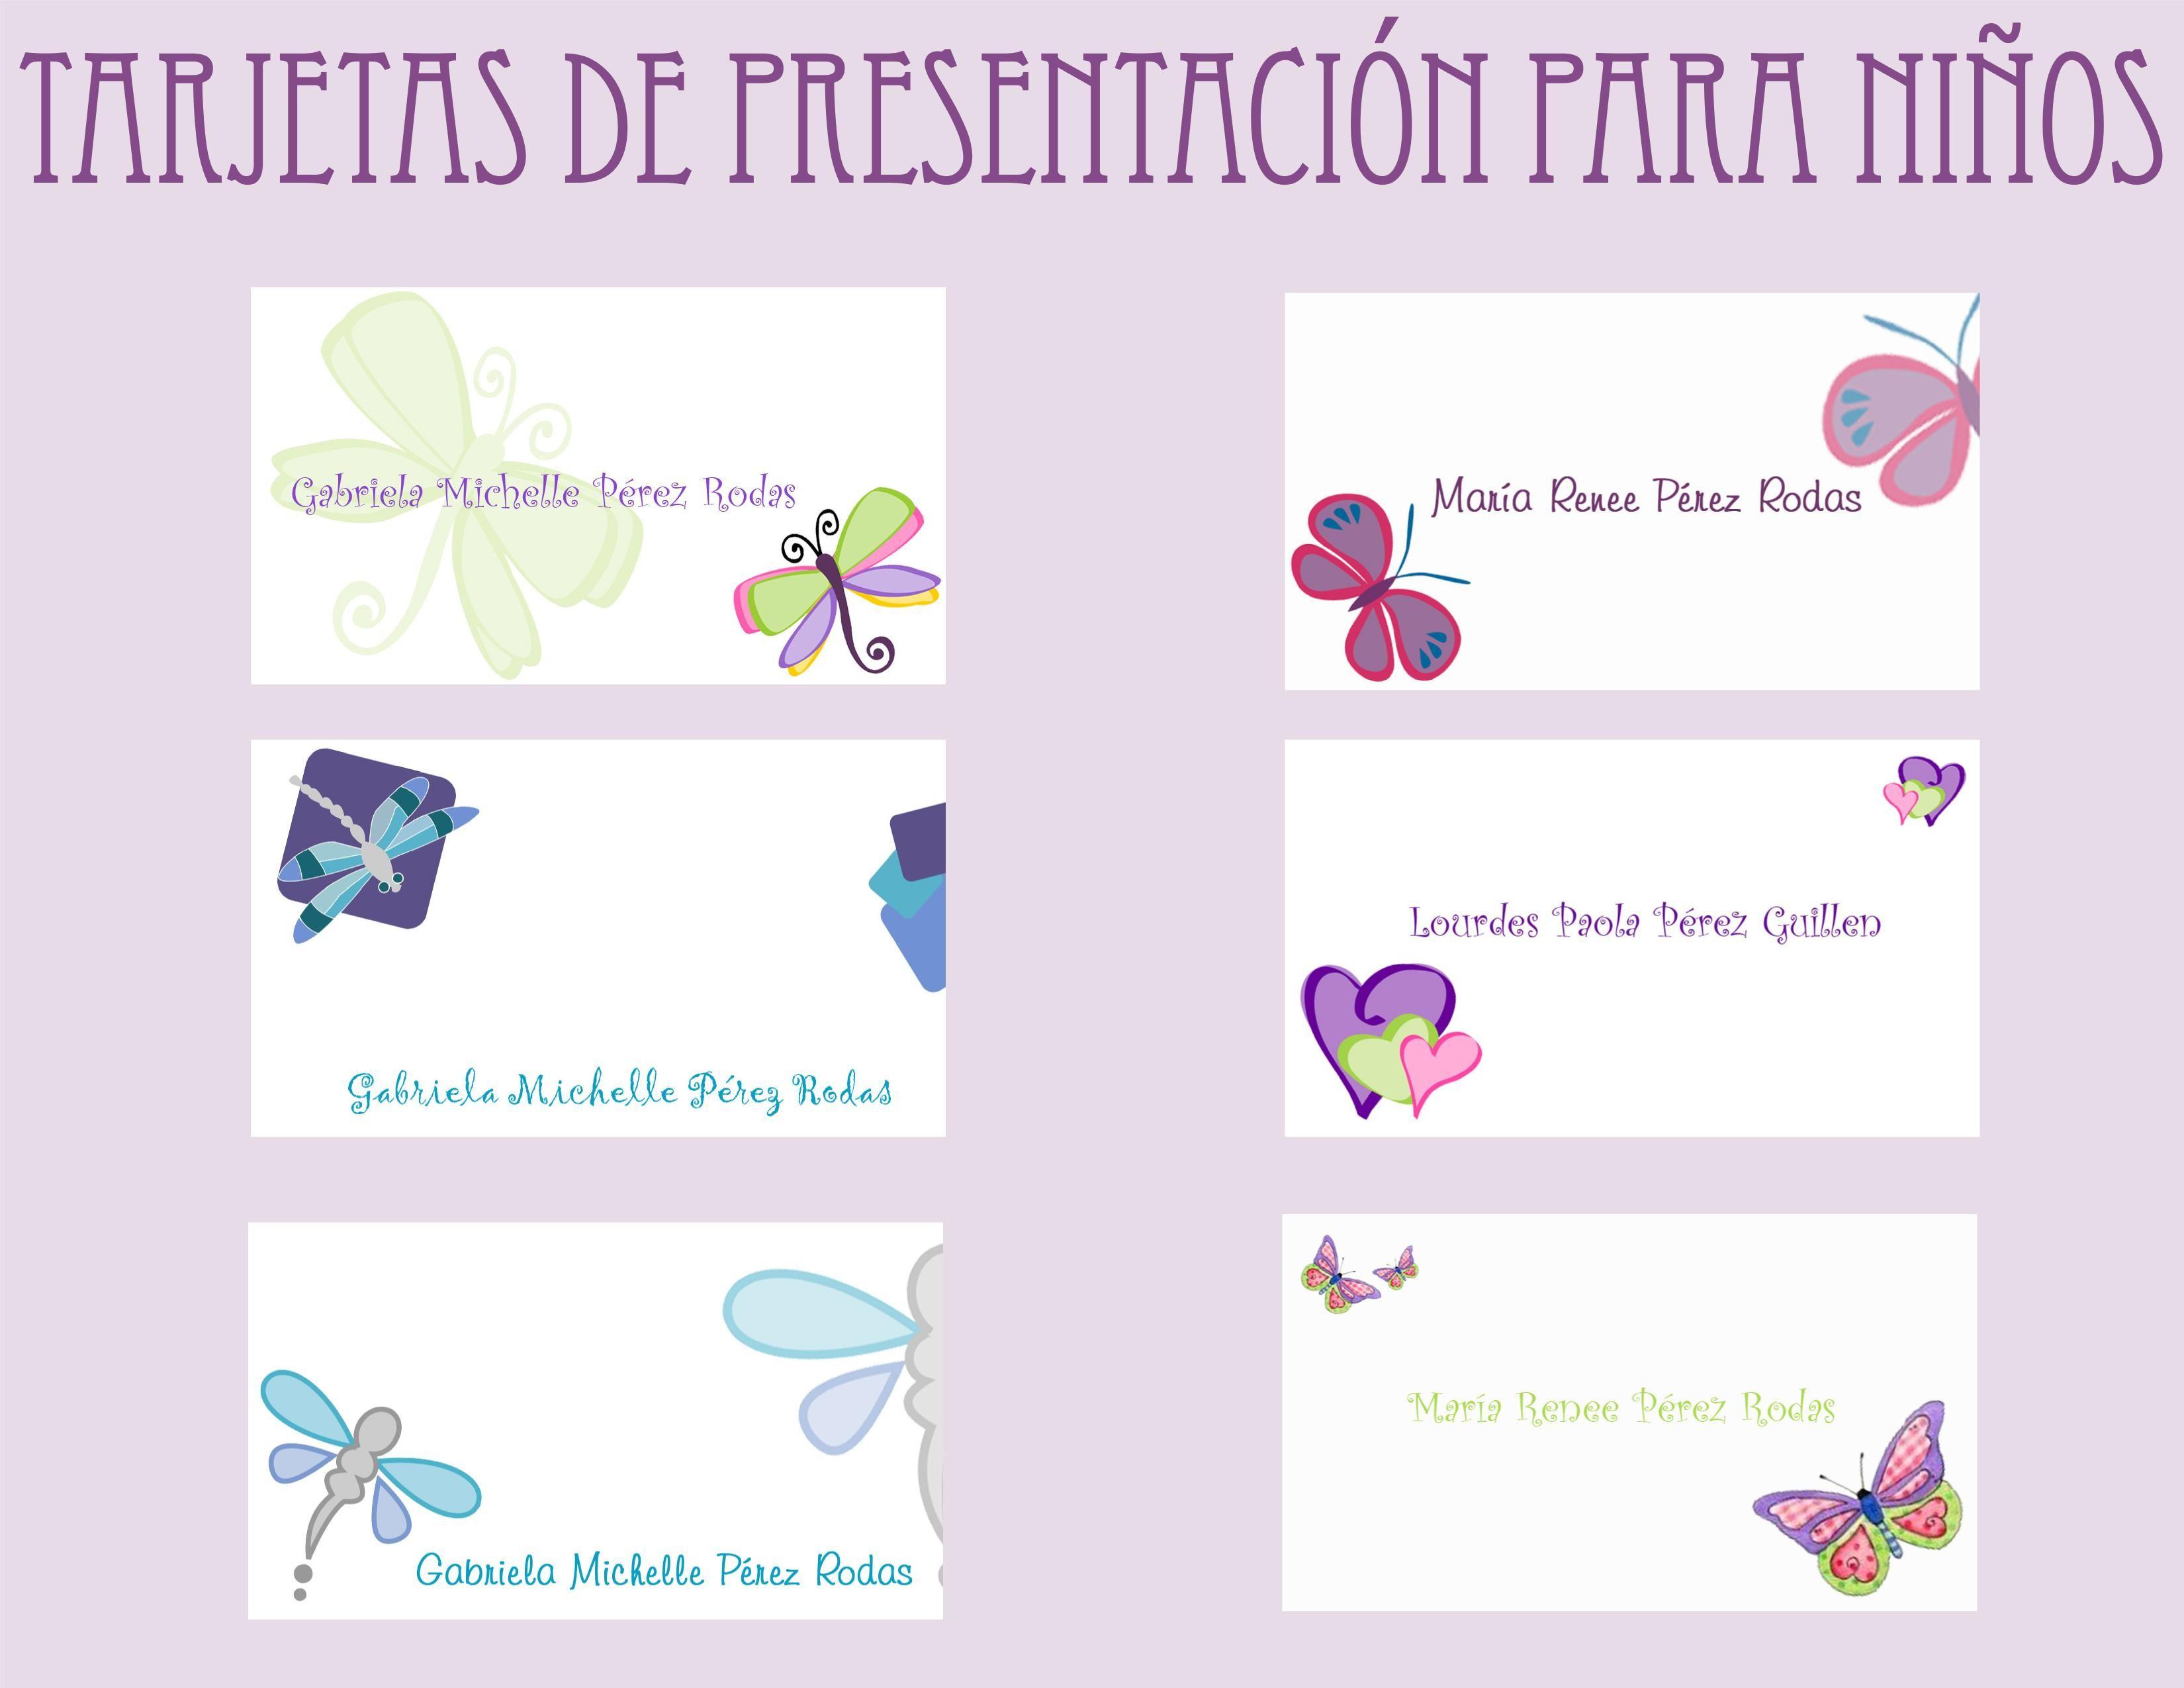 ddb46abad Tarjetas de Presentación Infantiles! « Andrea Blog Tarjetas De Niños